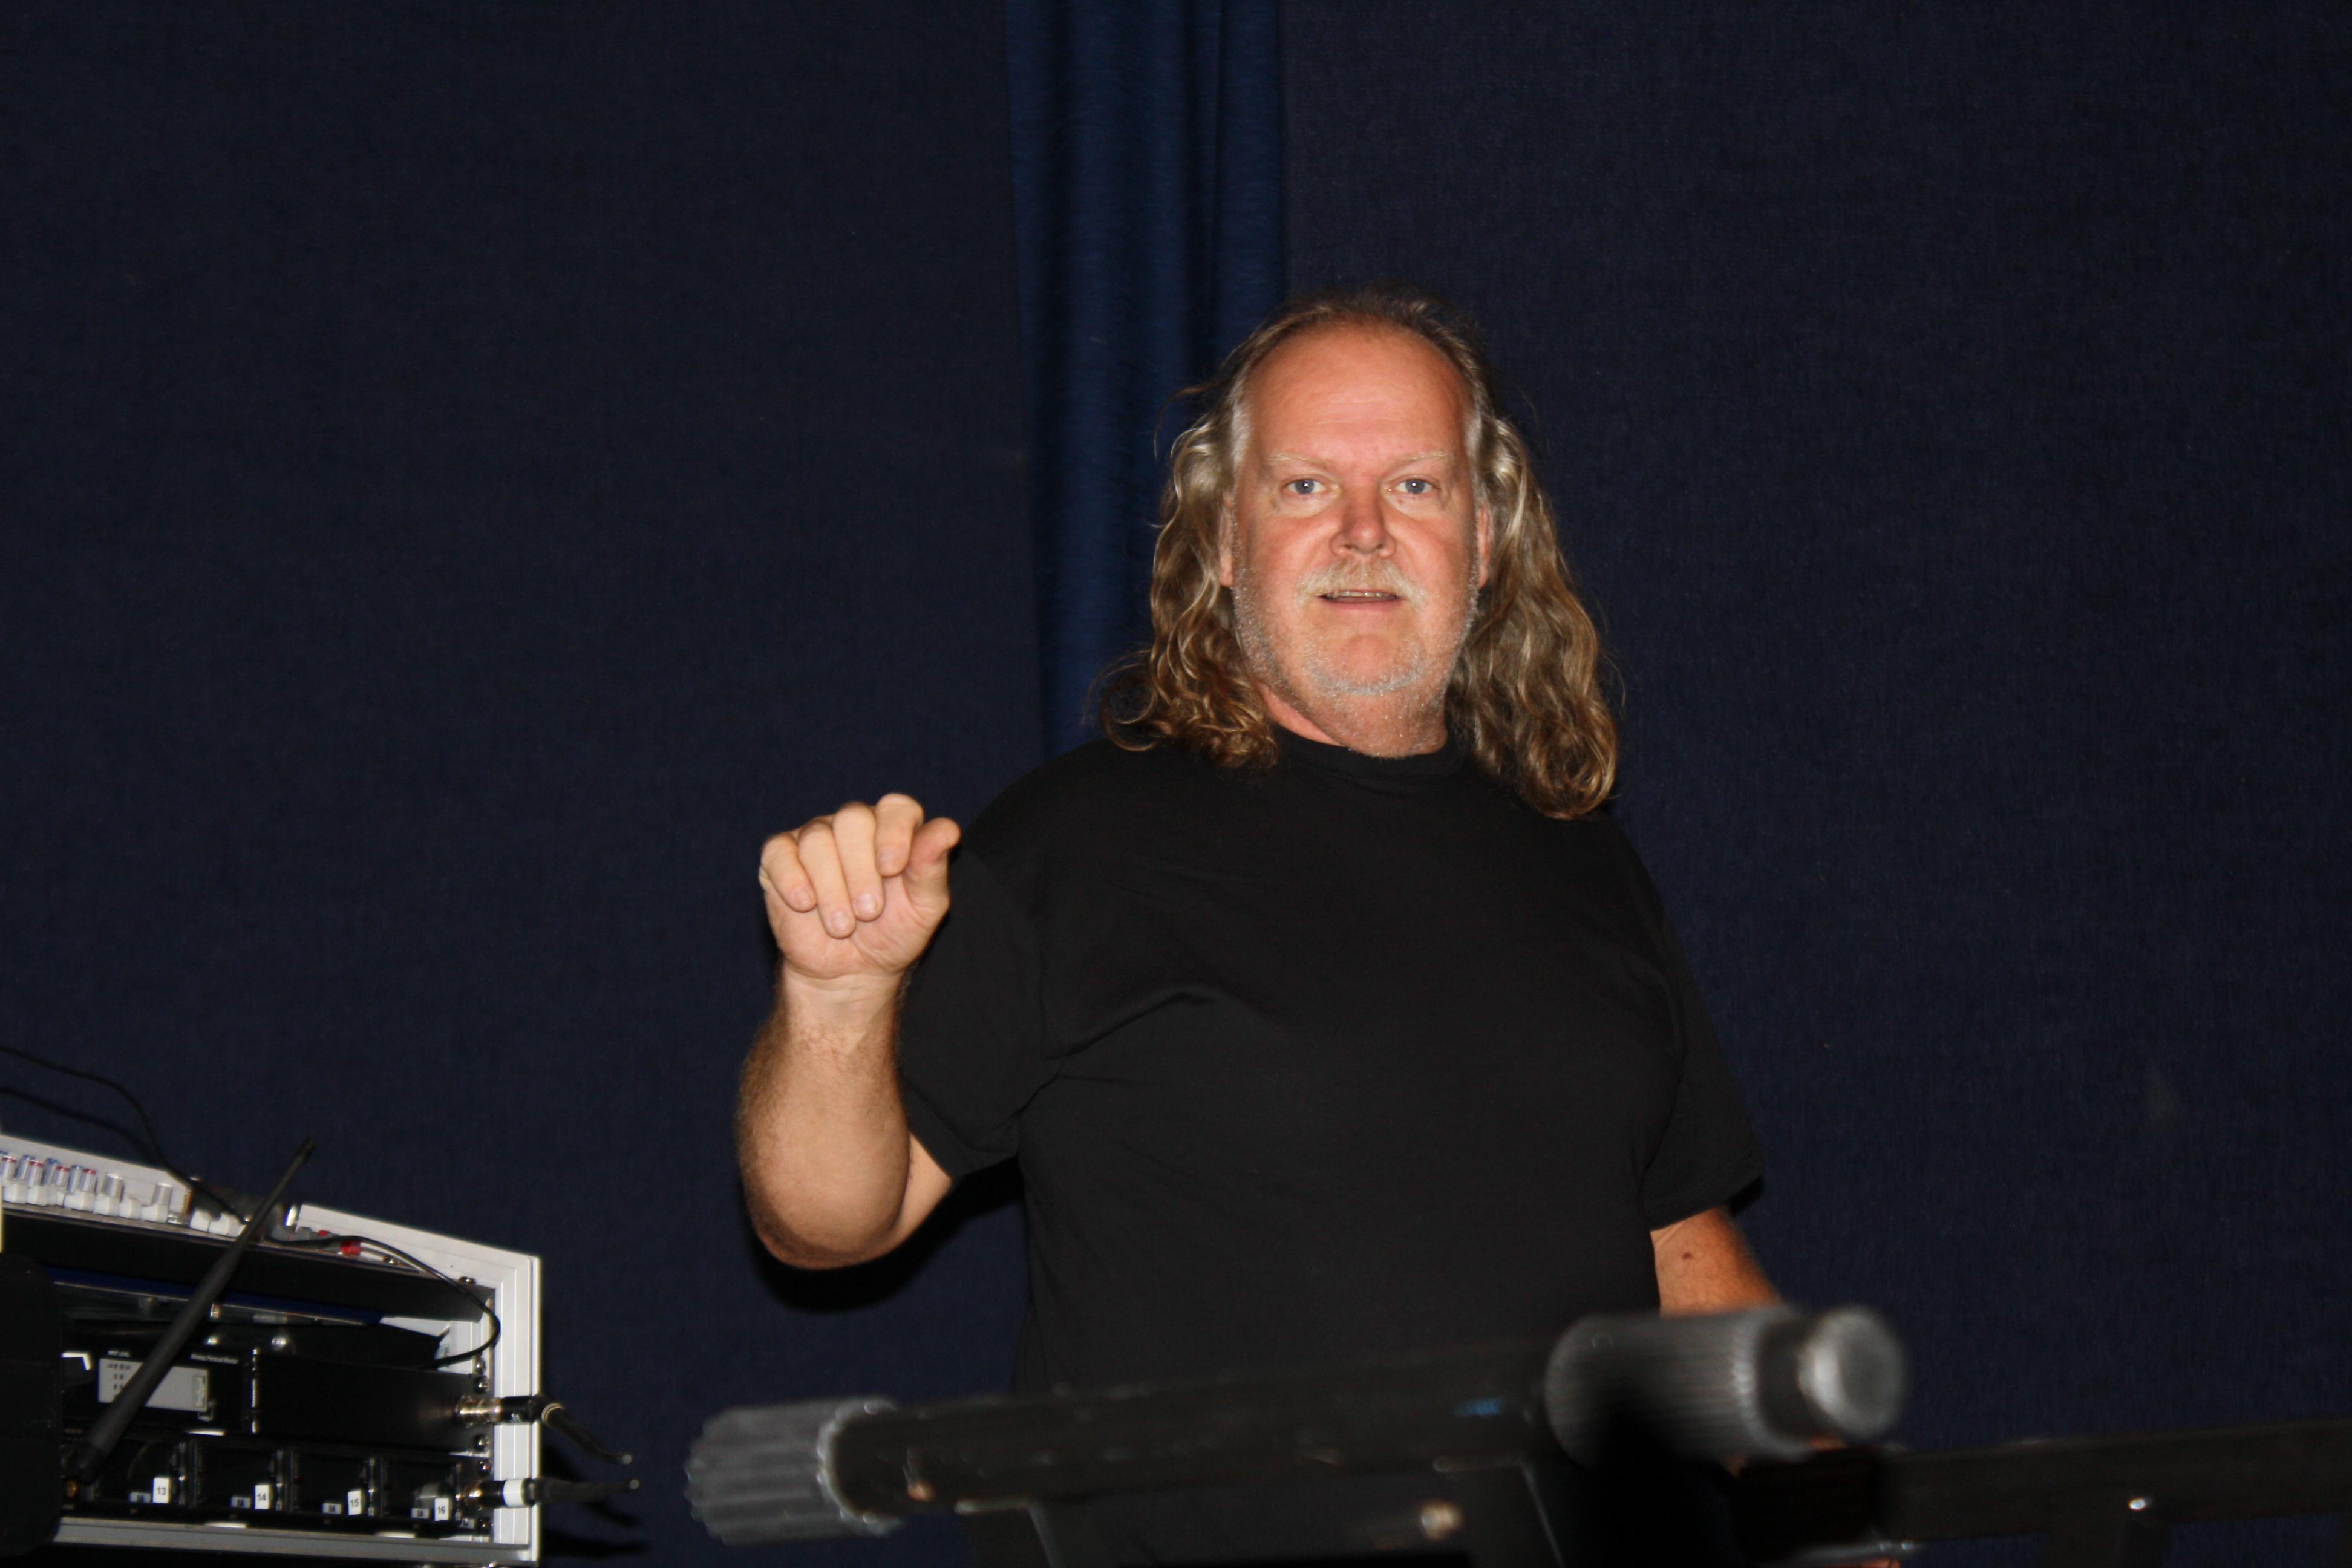 Christer Borg laddar inför kvällens spelning